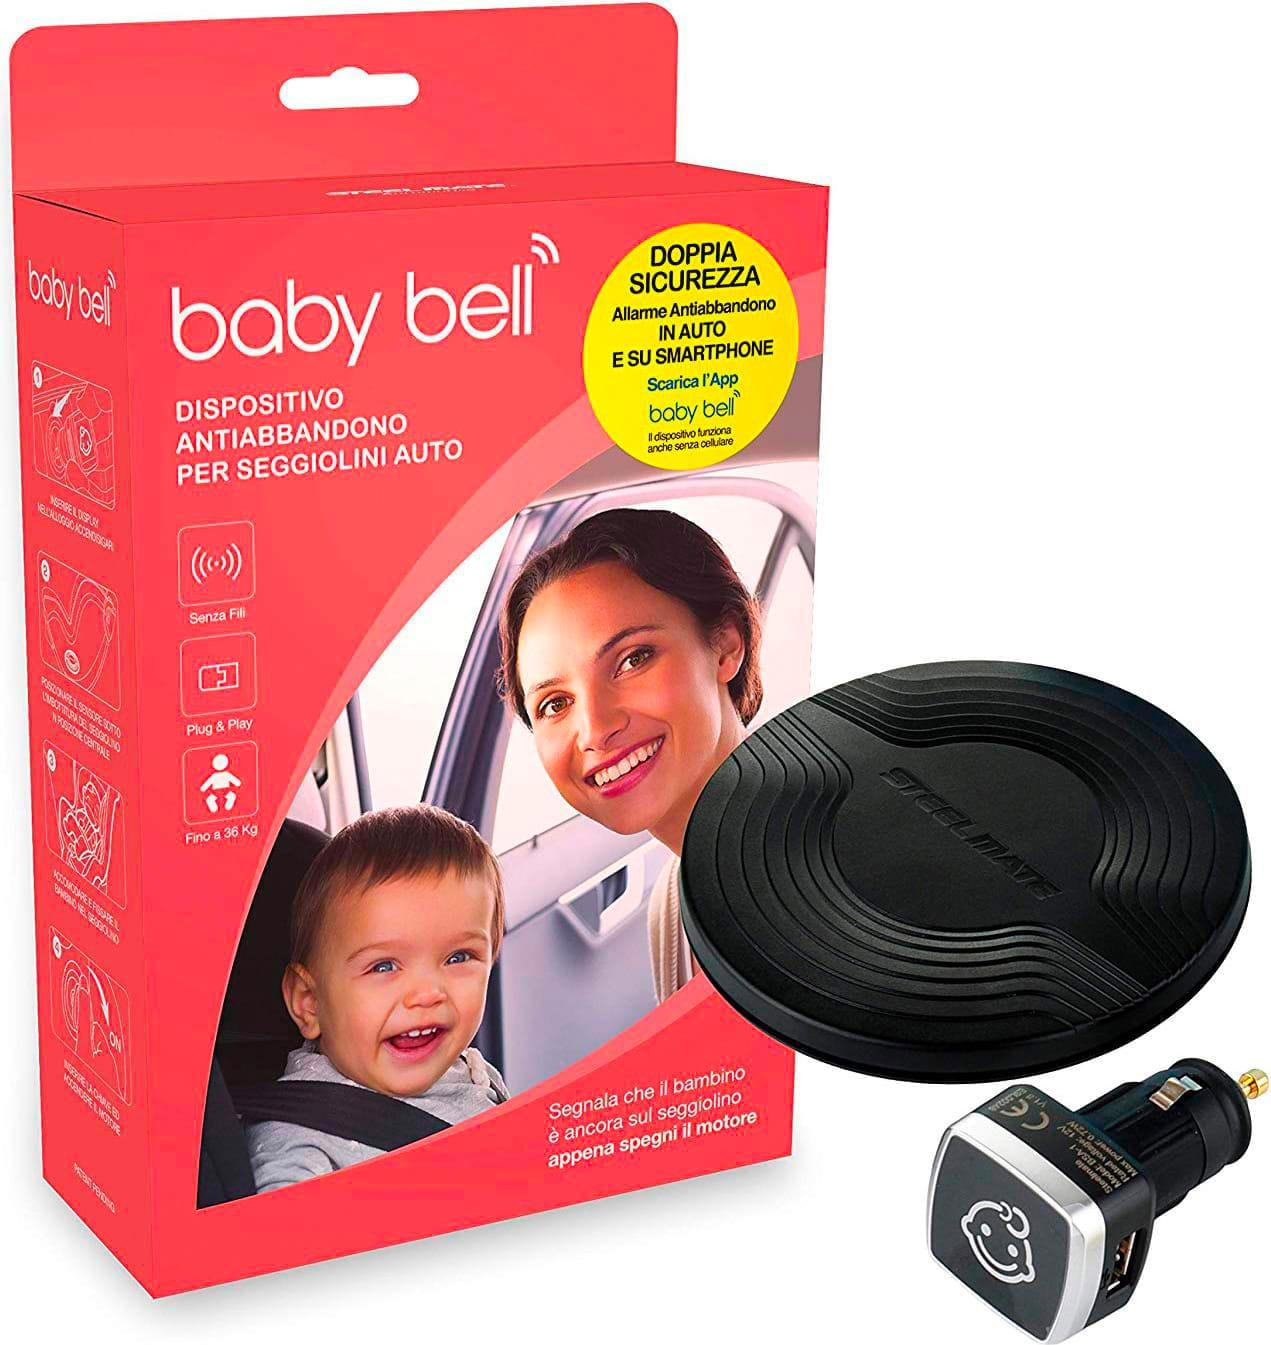 steelmate Bsa-1 Outlet - Dispositivo Anti Abbandono Per Seggiolino Auto Allarme Sonoro E Visivo Compatibile Android/ios - Bsa-1 Baby Bell